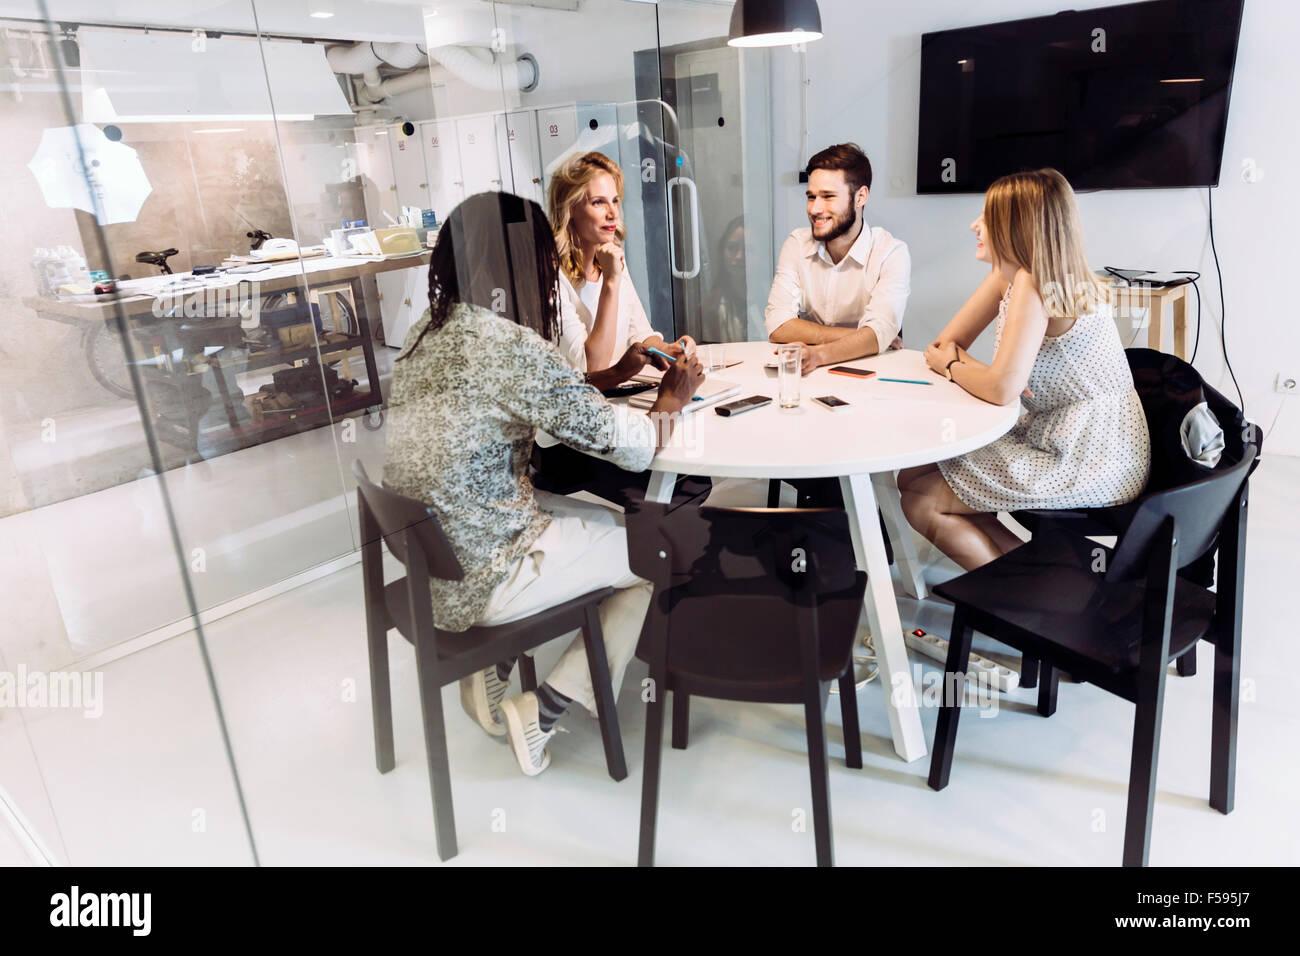 Compañeros tener una reunión mientras está sentado en una hermosa mesa de oficina Imagen De Stock